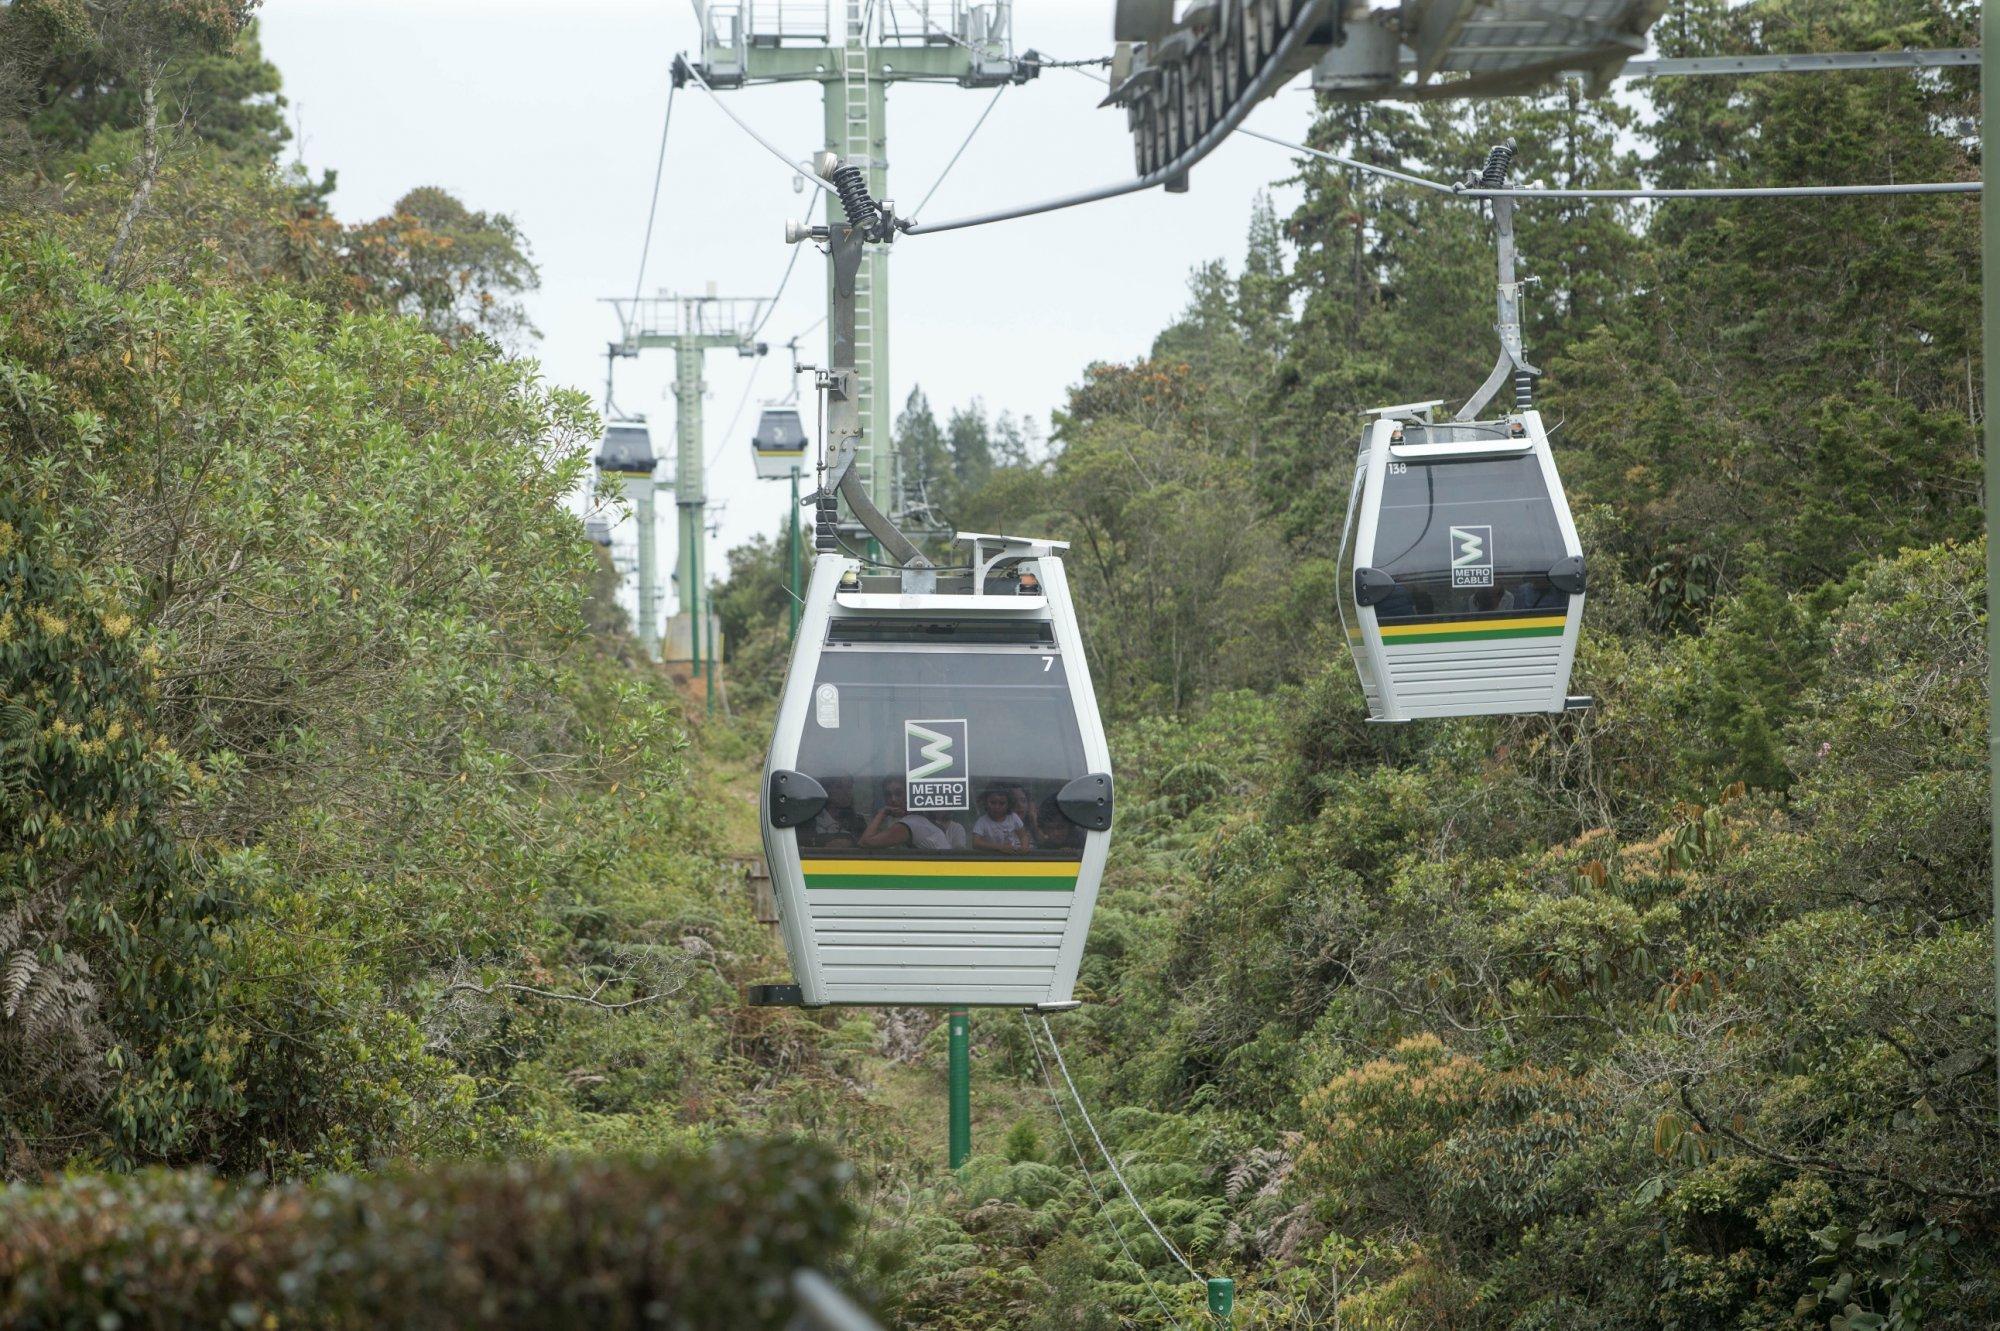 Metro evalúa tarifas especiales para habitantes de Santa Elena